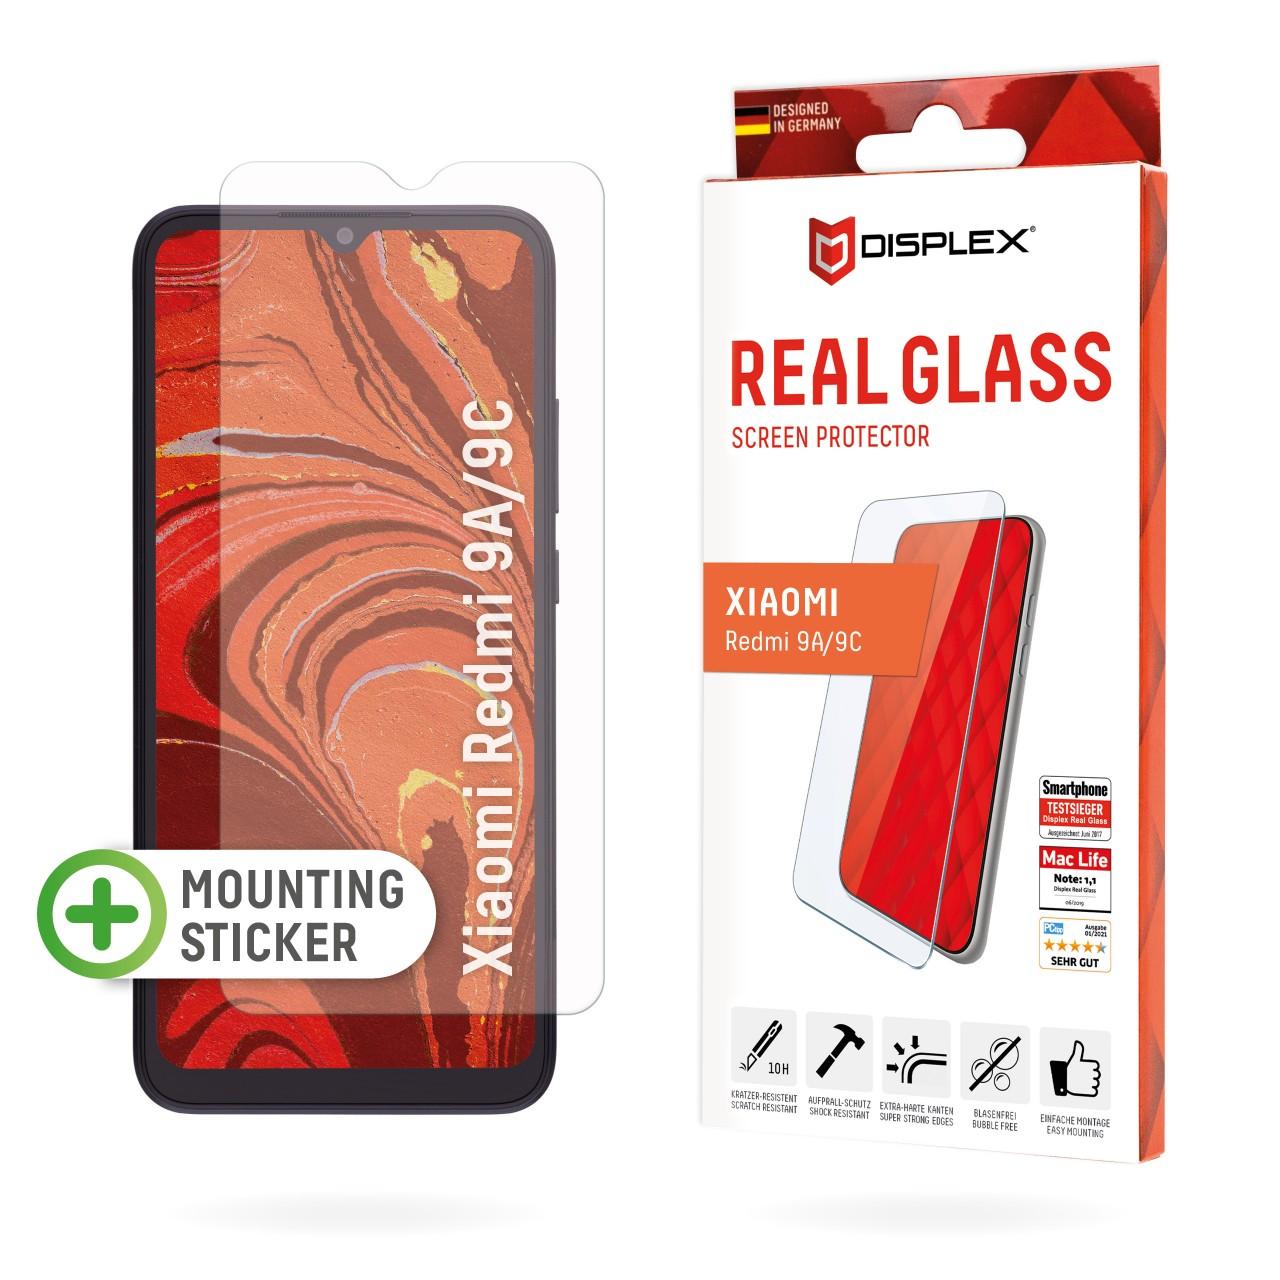 01333-XIAOMI-Redmi-9A-9C-RealGlass-2D-EN